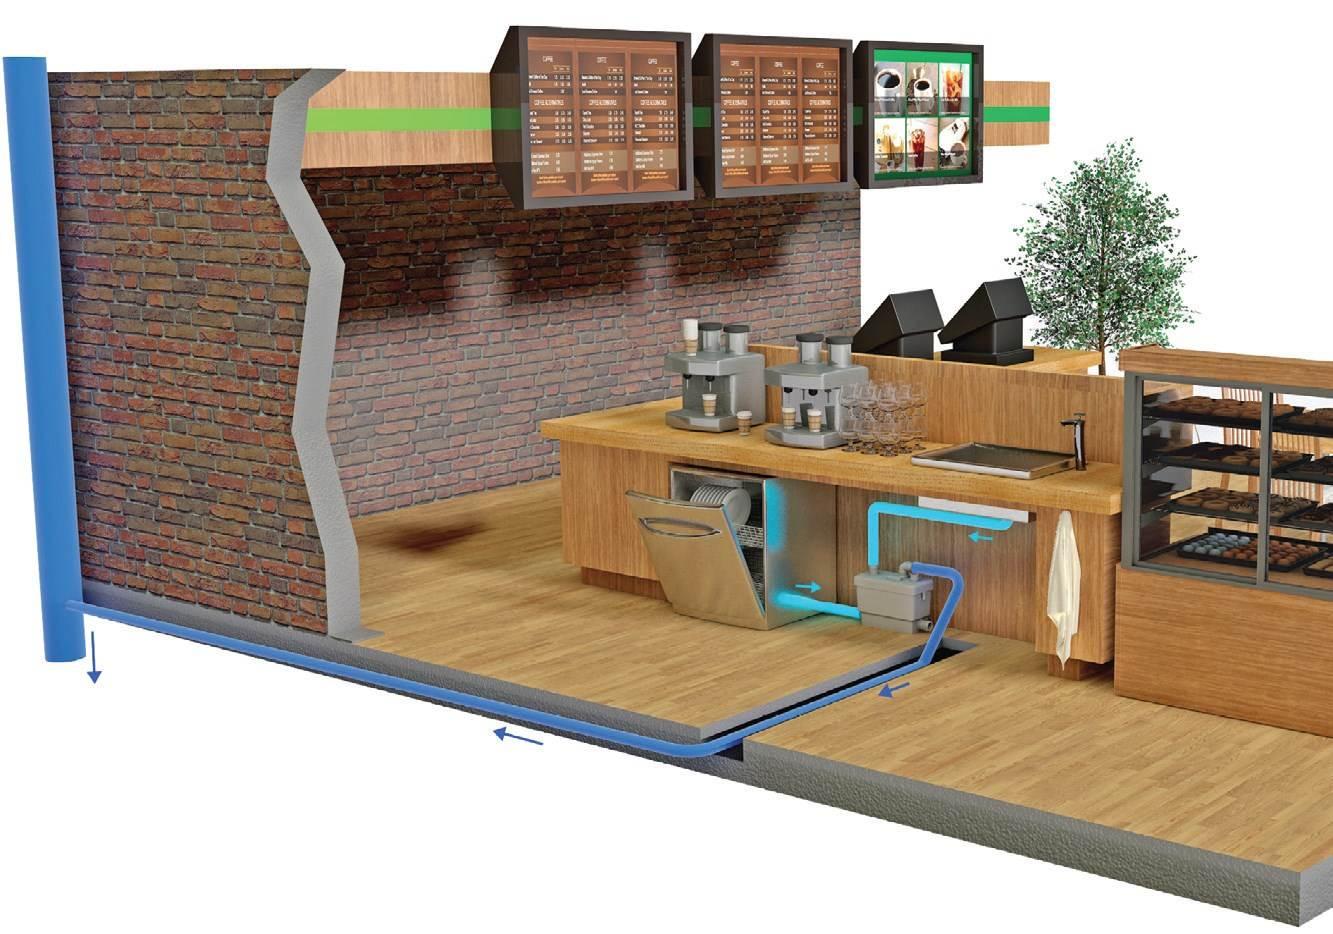 Fot. 5. Przykład zastosowania pompy SANISPEED – kawiarnia.